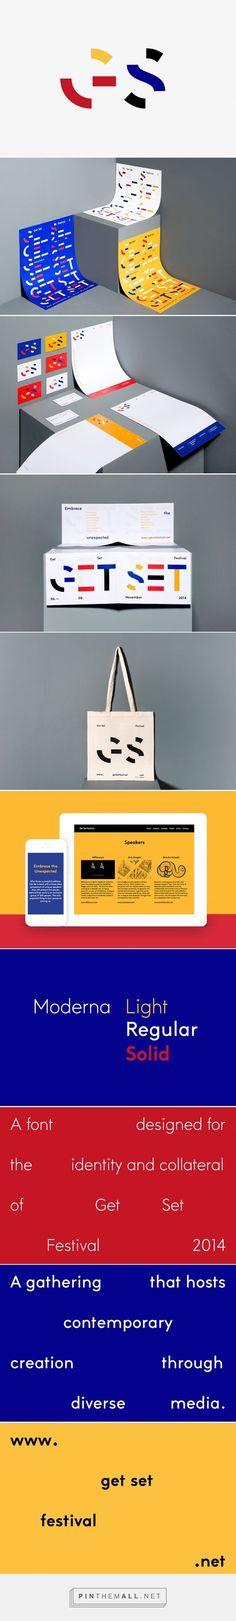 Identité visuelle / Affiches Get Set festival 2014 Epiforma  Typographie morcelée/modulaire (Moderna)